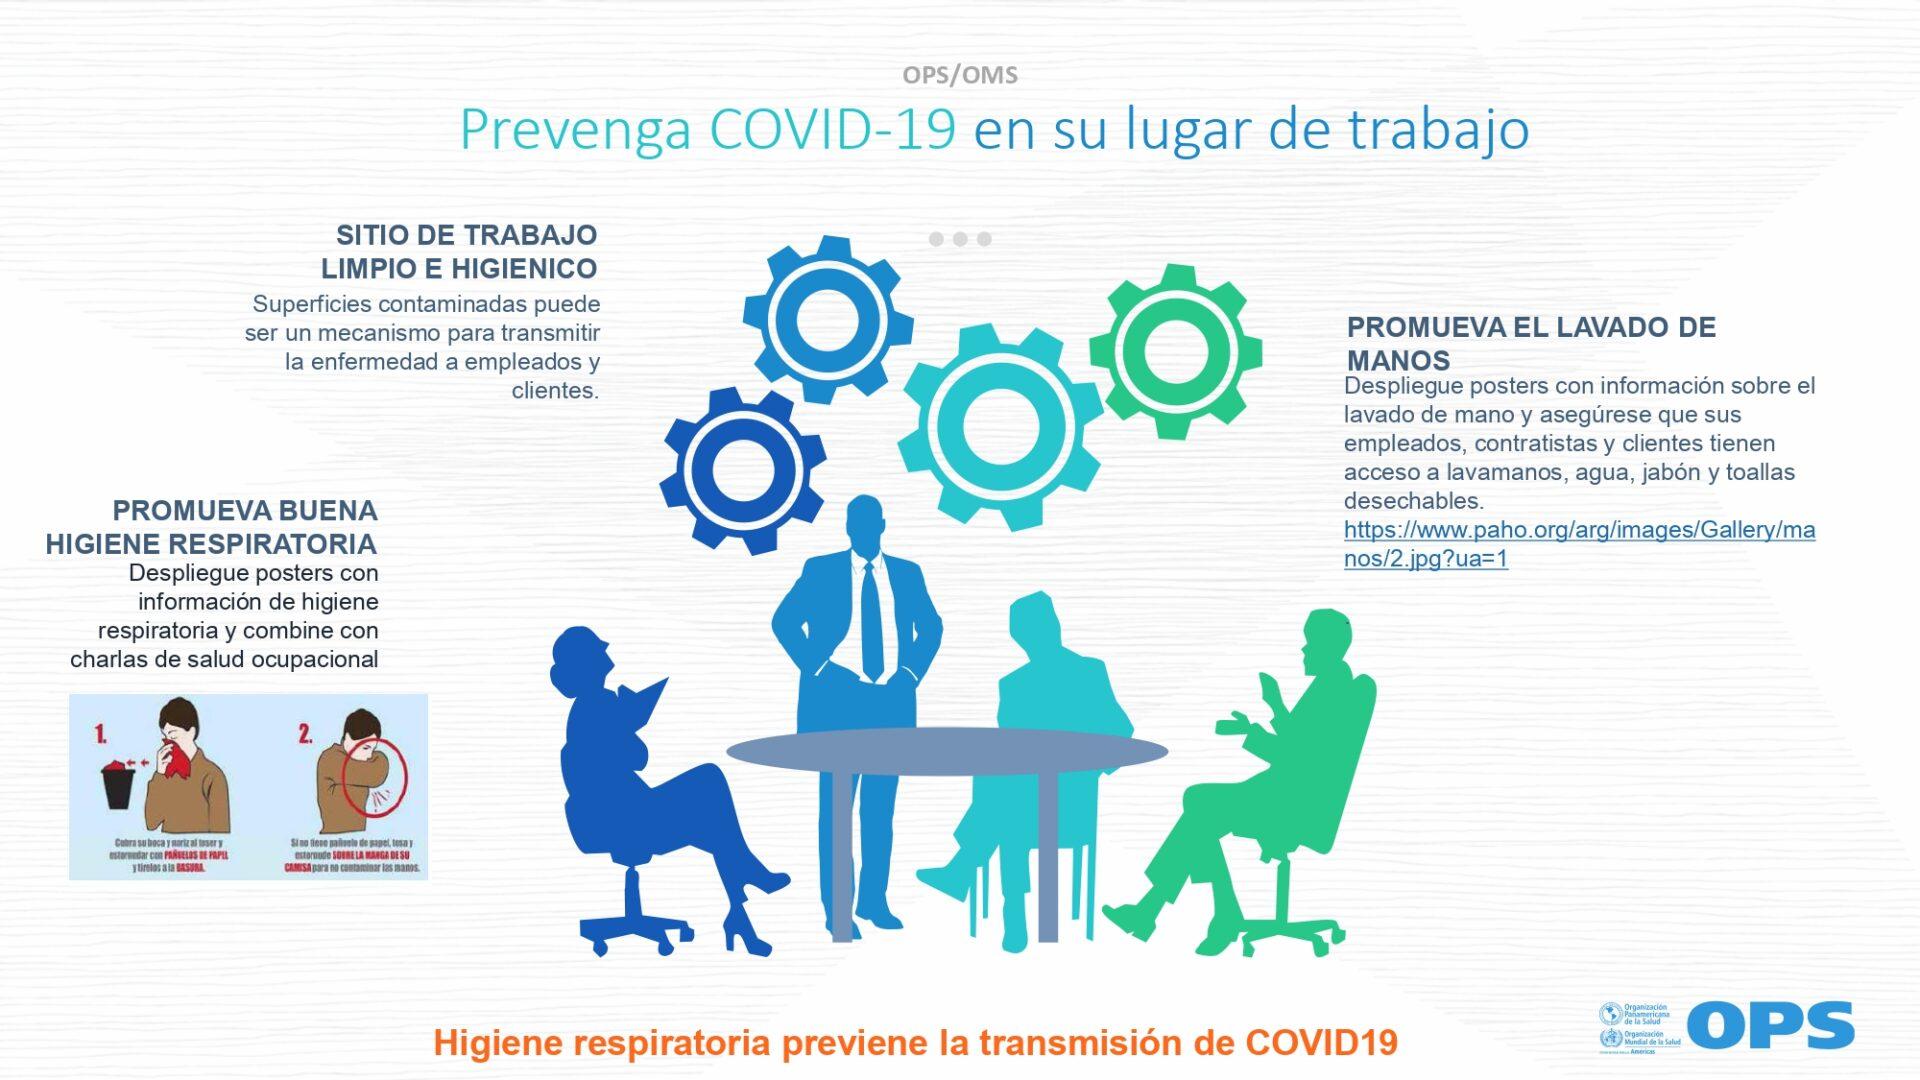 prevencion-covid19-lugar-trabajo_page-0004.jpg